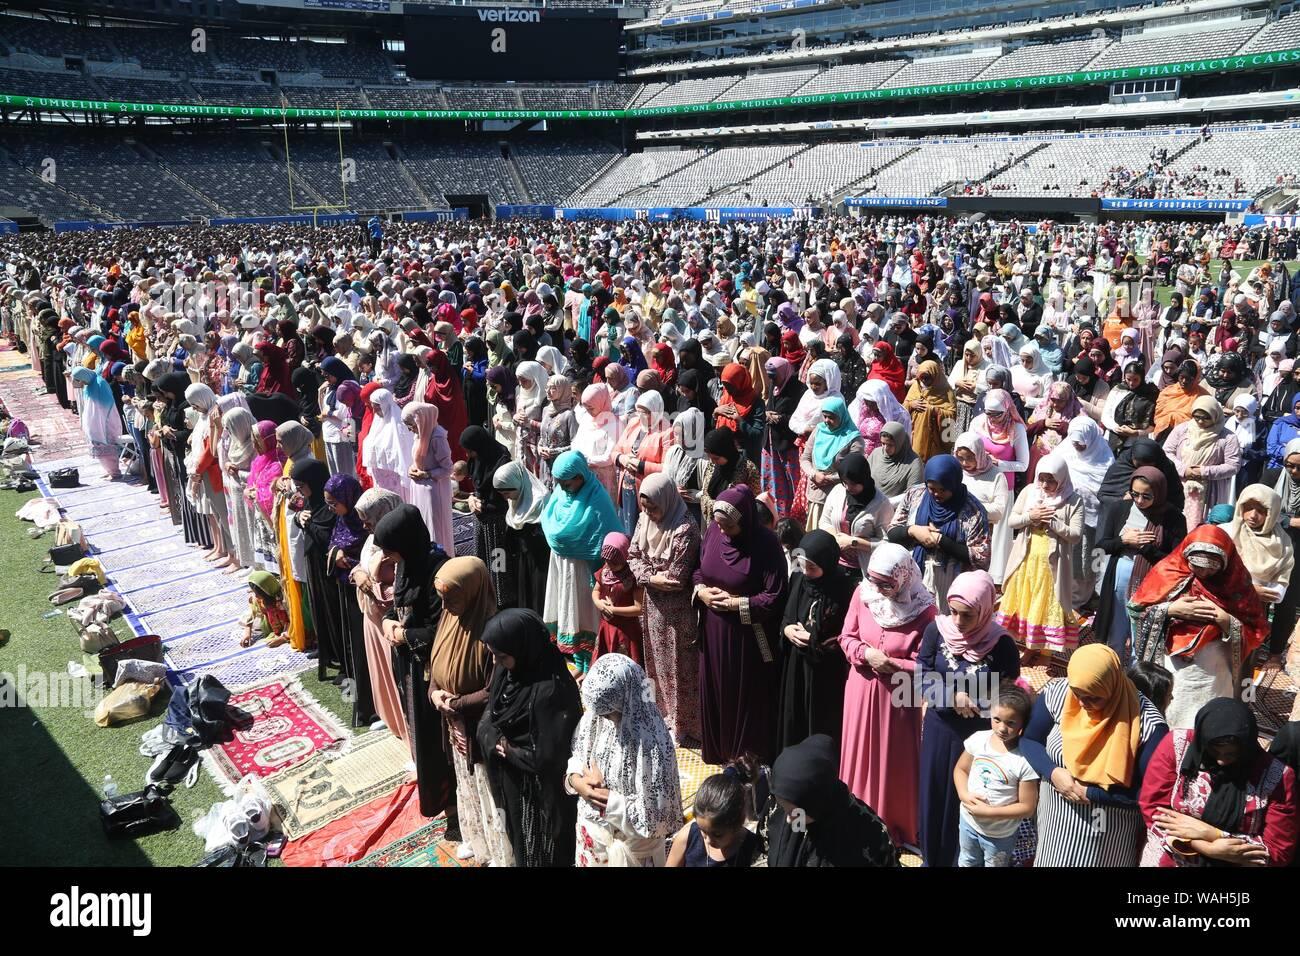 August 11, 2019: Tausende von Muslimen aus rund um den Tri-state-Area an MetLife Stadium Wiesen für das Eid al-Adha, hat keine bestimmte Zeitdauer und Gebet versammelt. Diese islamische Stockfoto